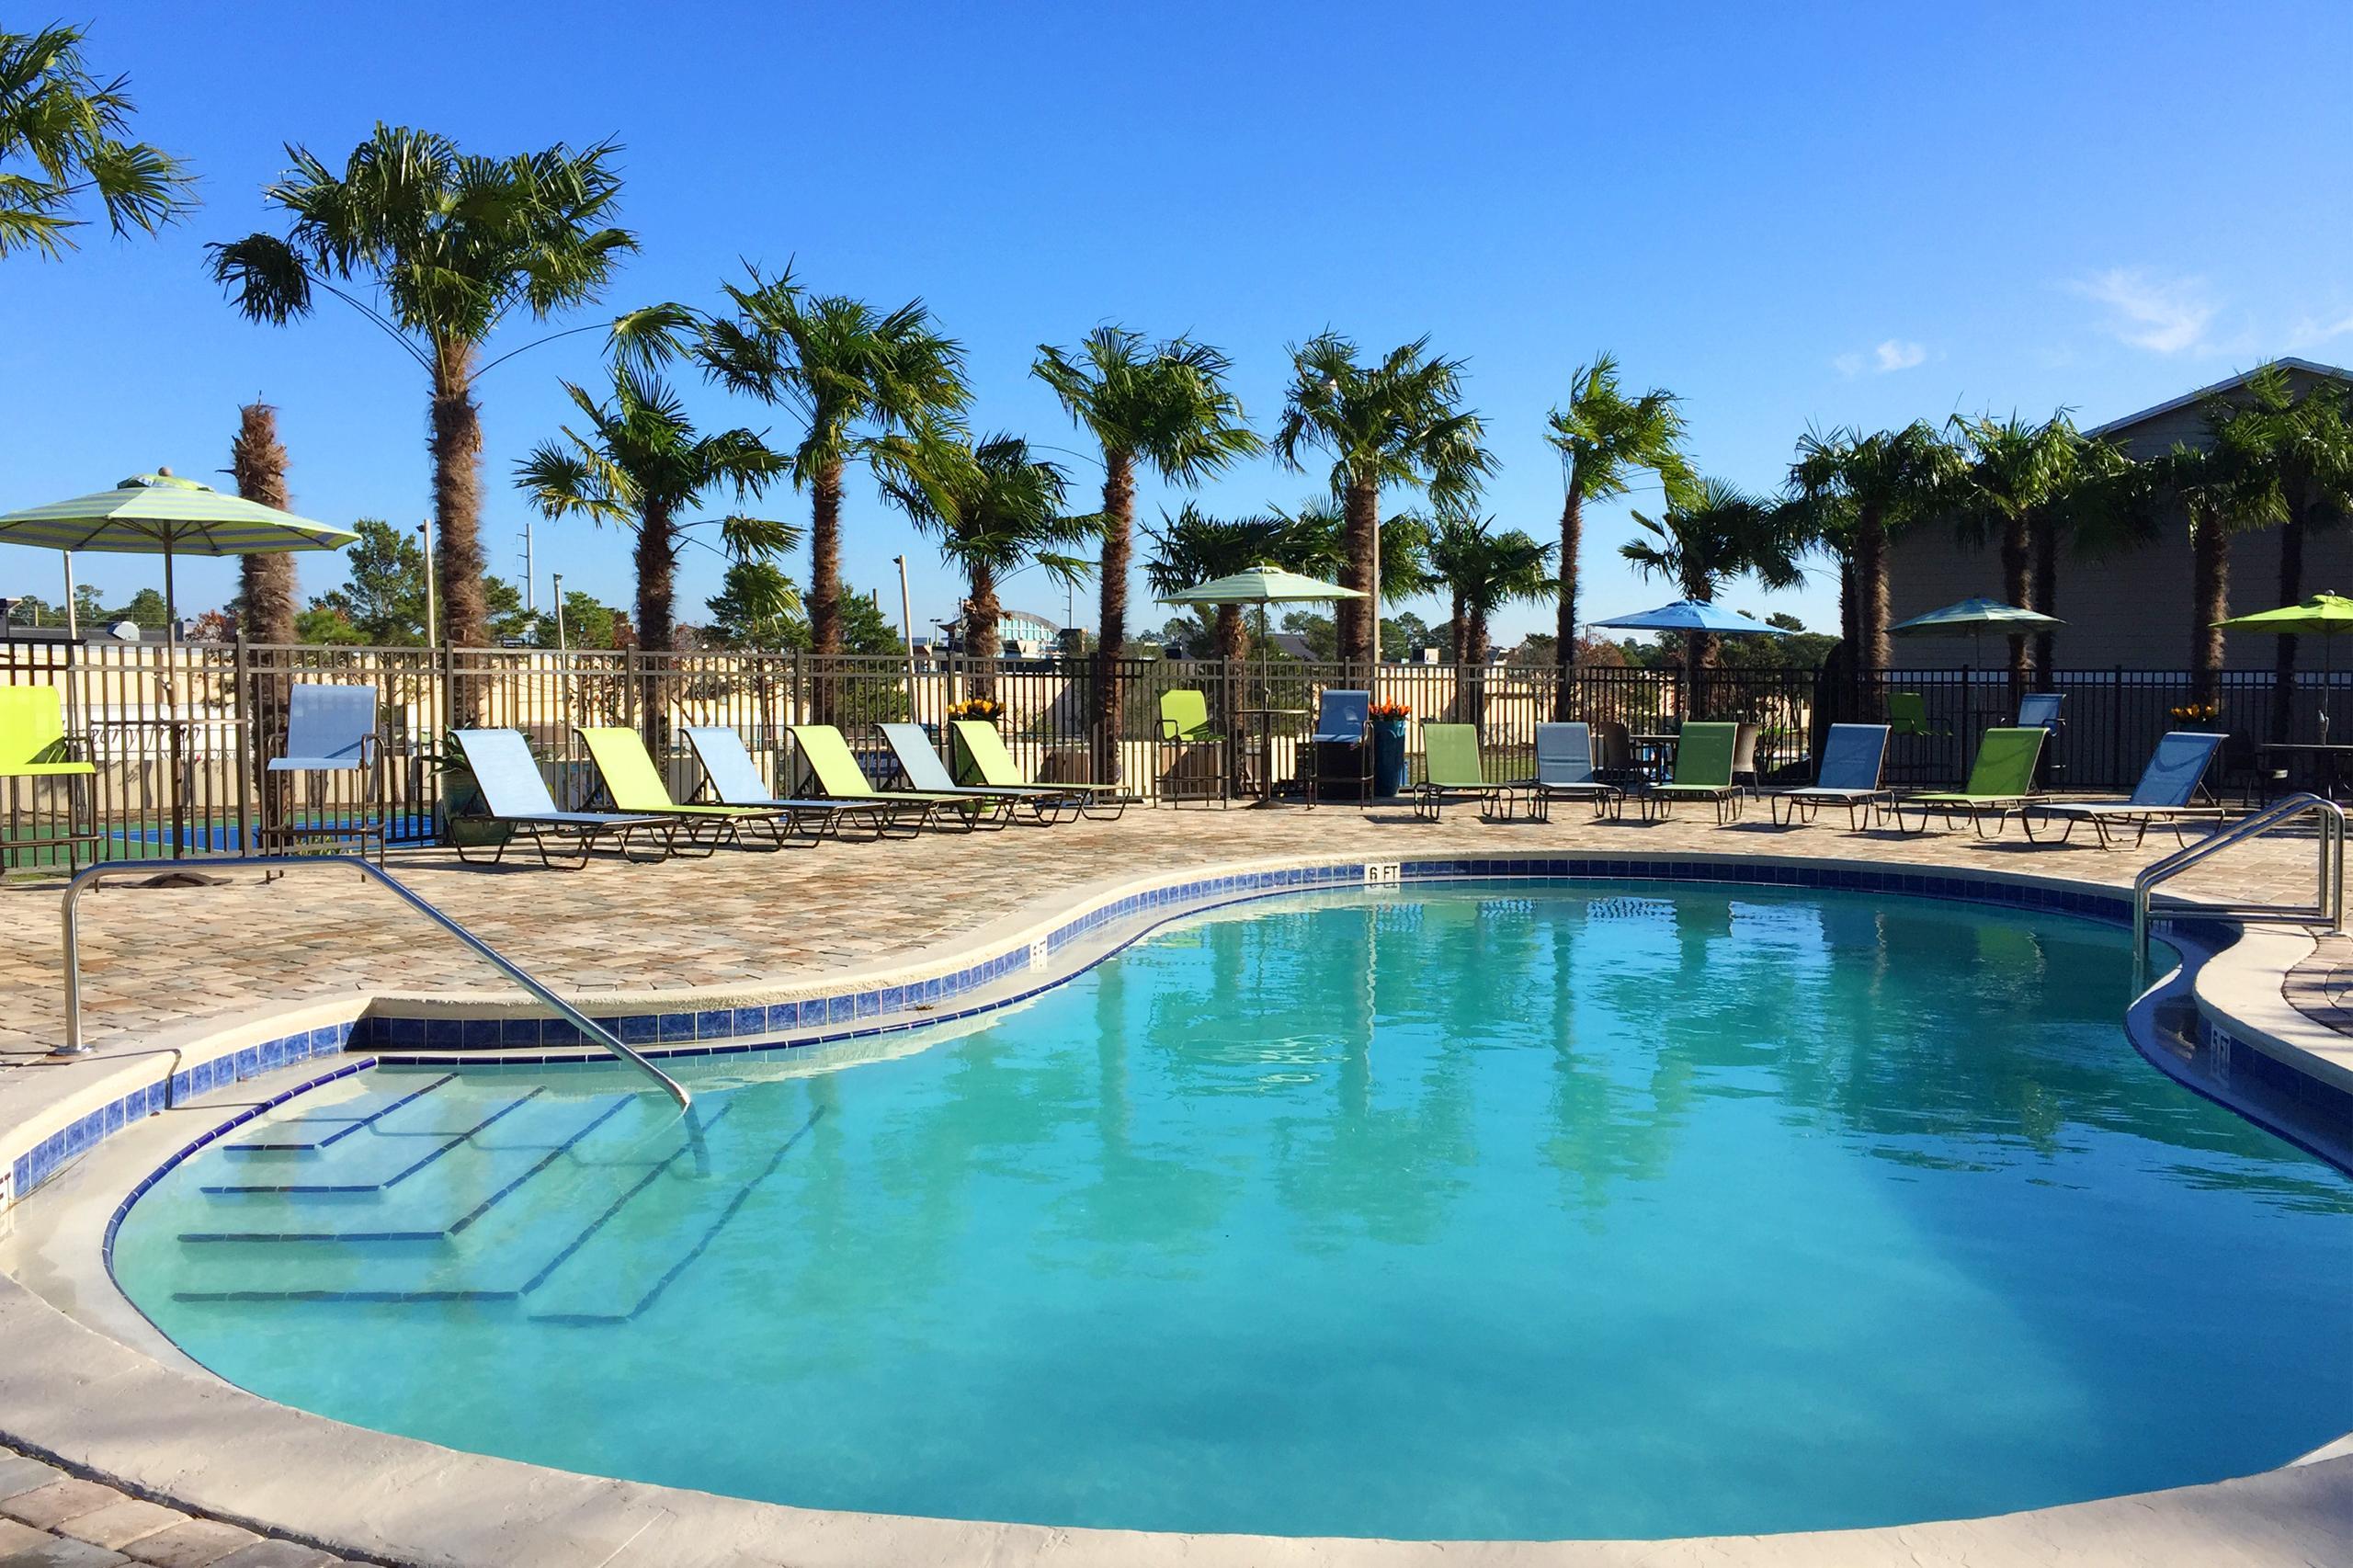 Apartments in Gulf Breeze FL